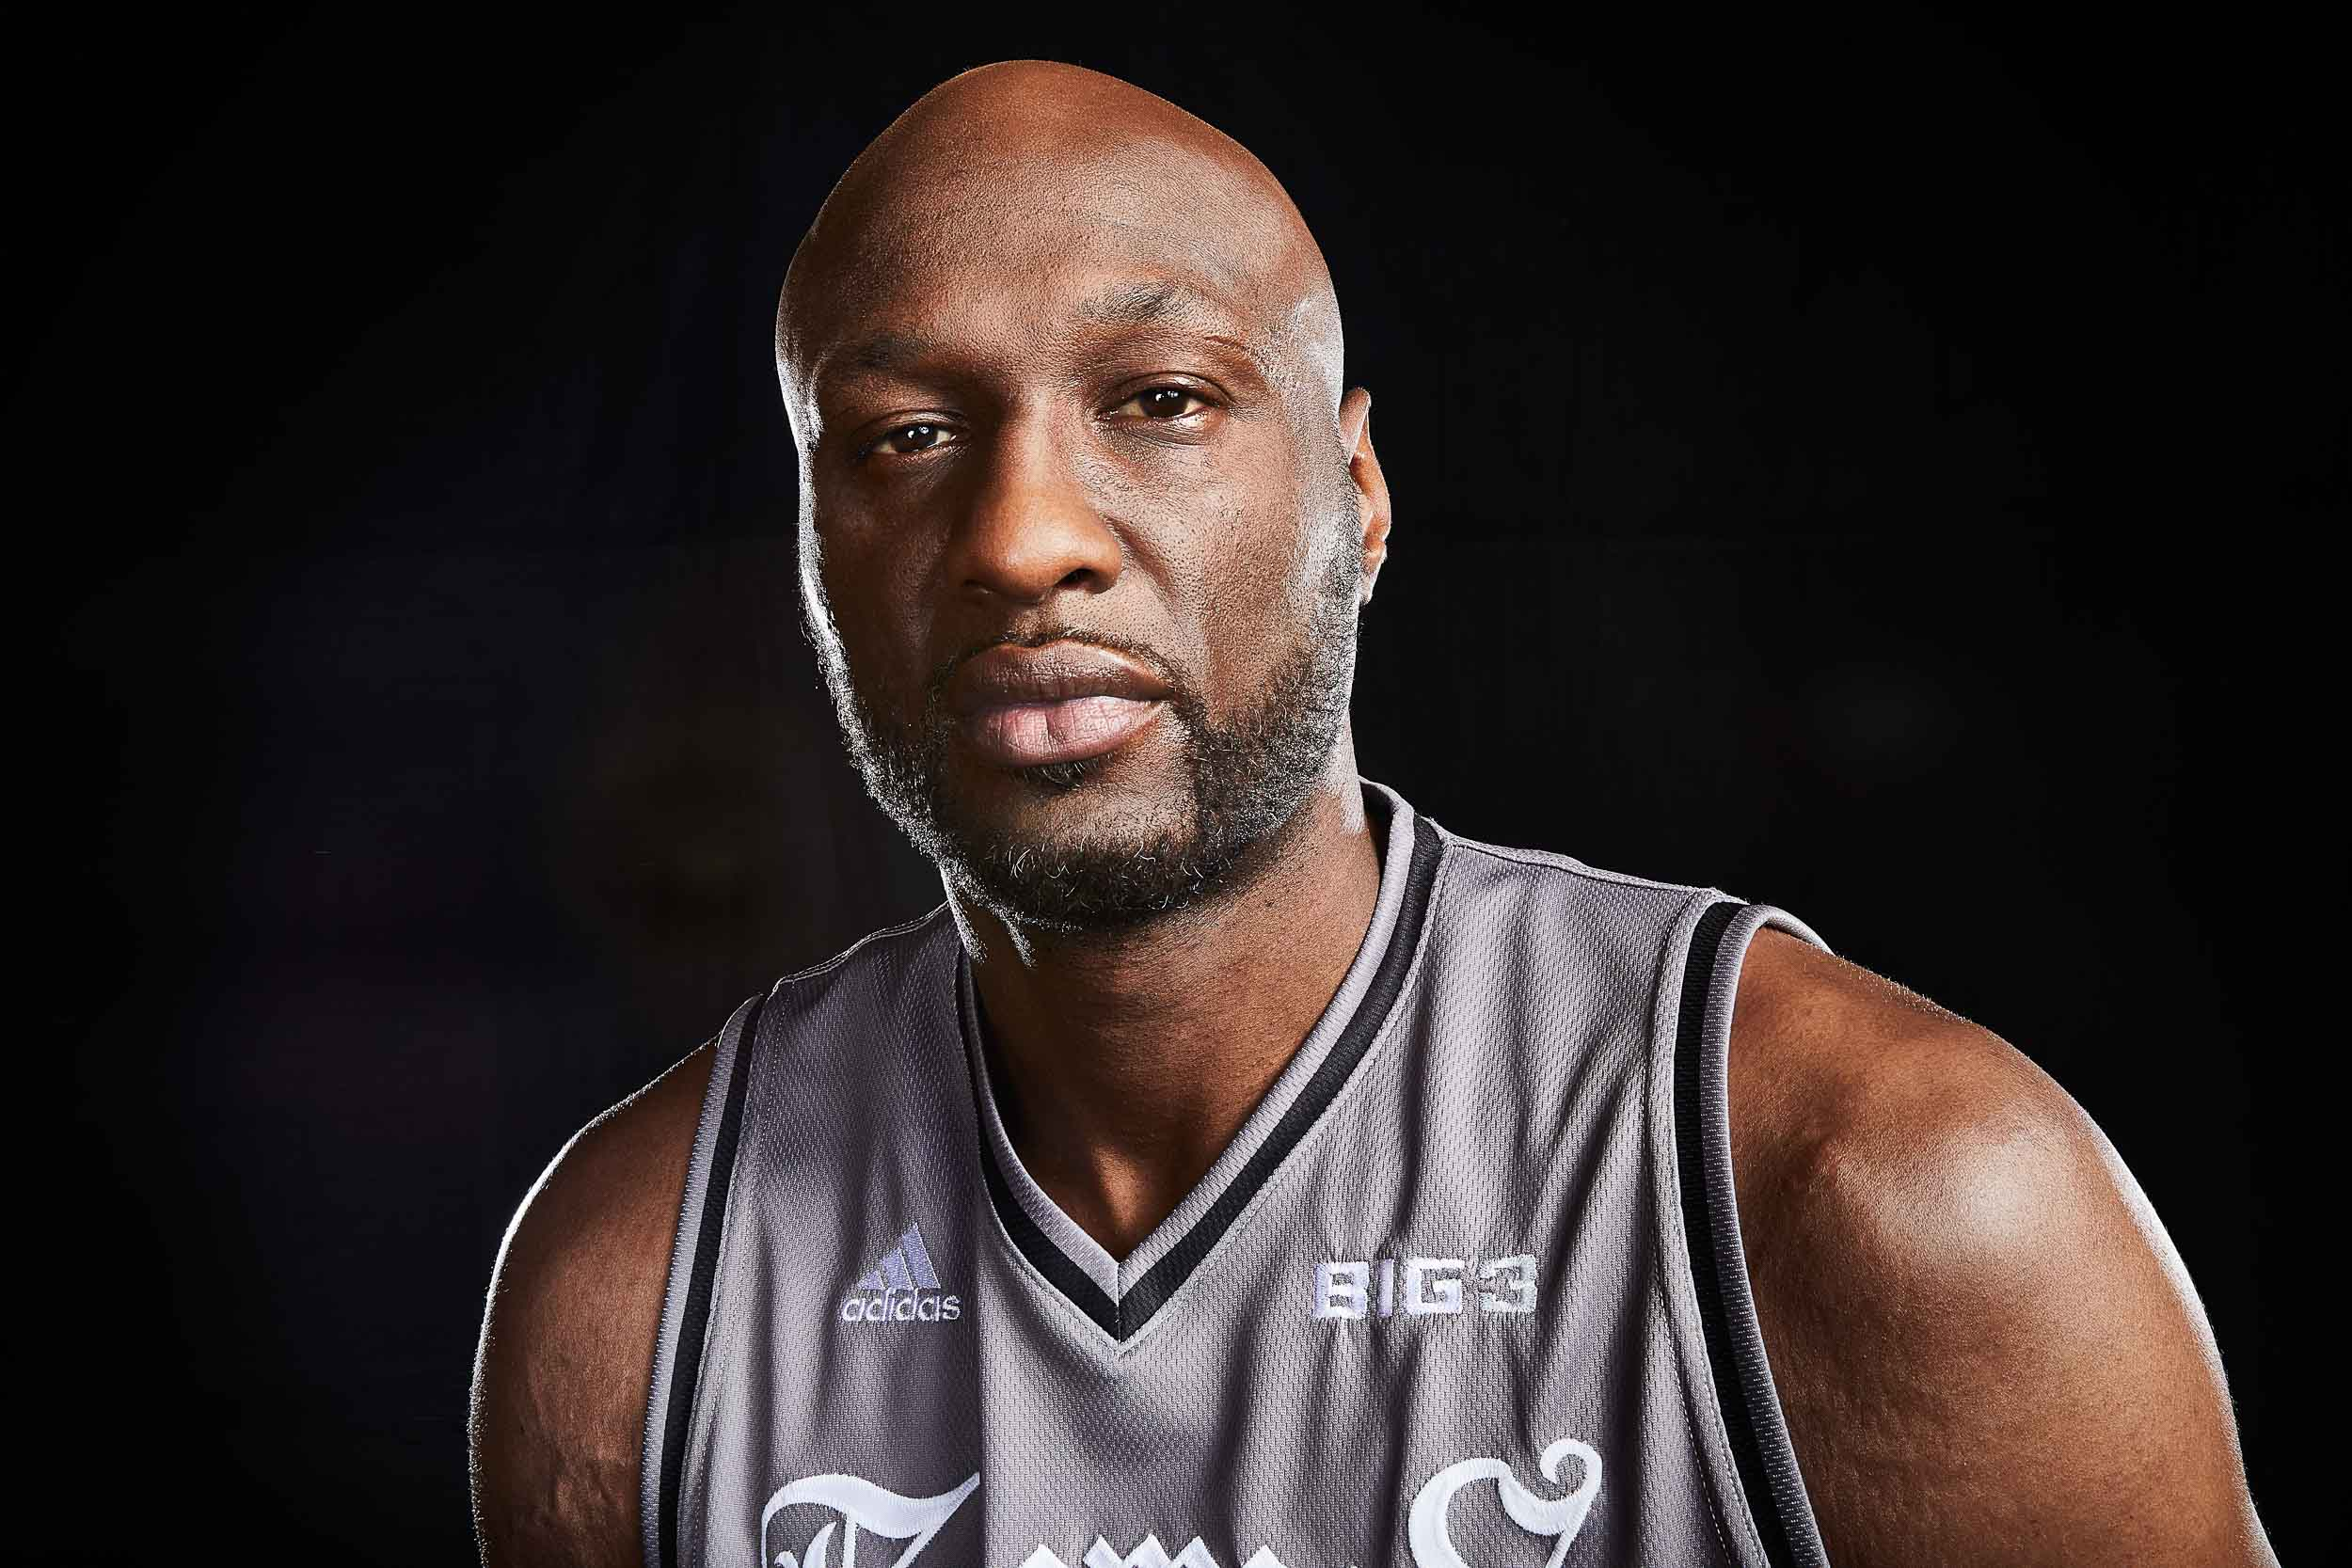 Big_3_Basketball_Baehler11.jpg